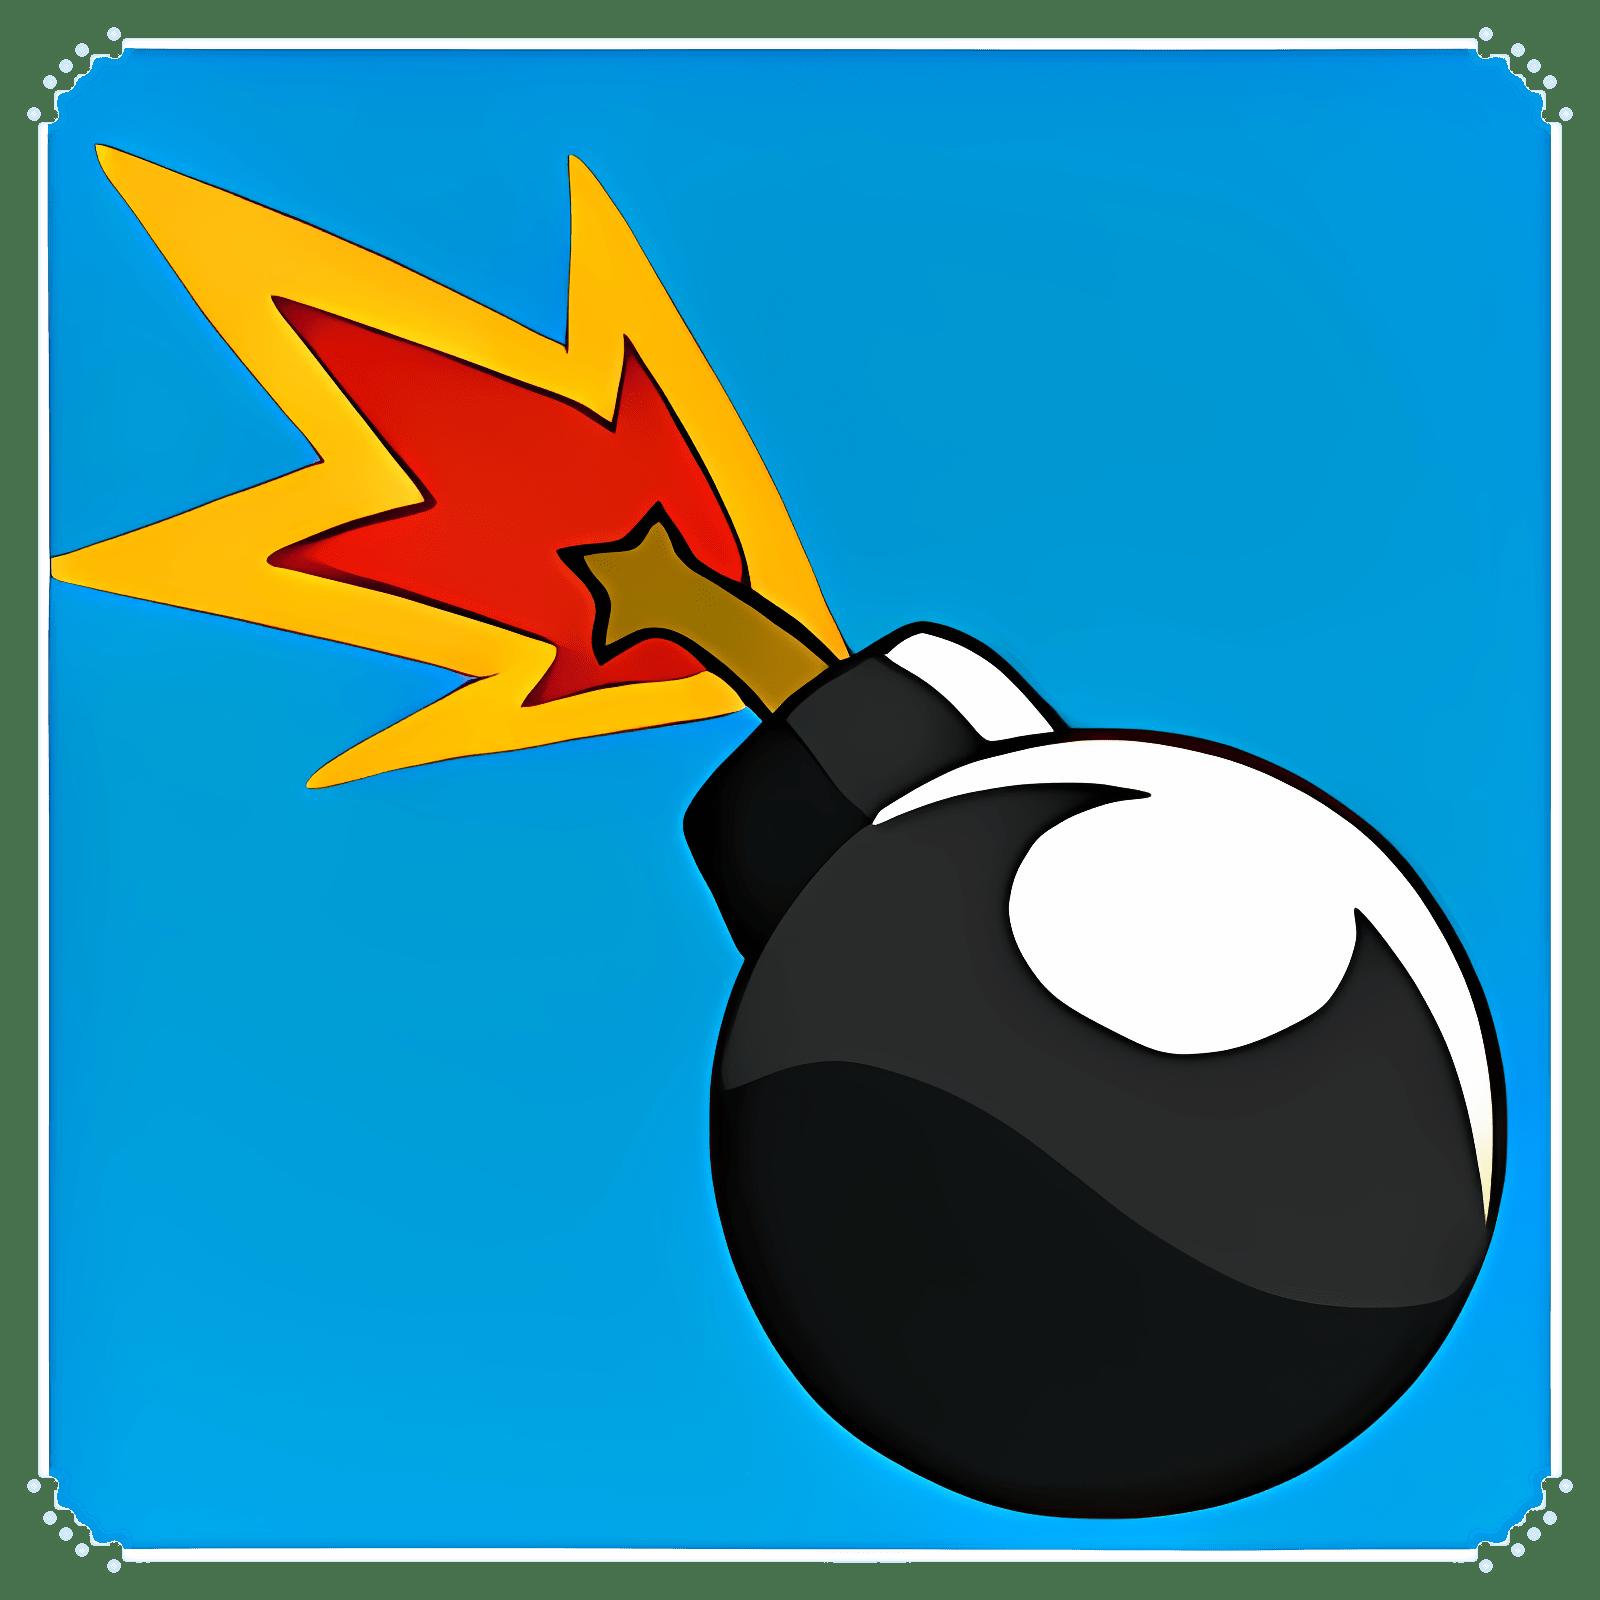 Bomberman Online World 4.4.0